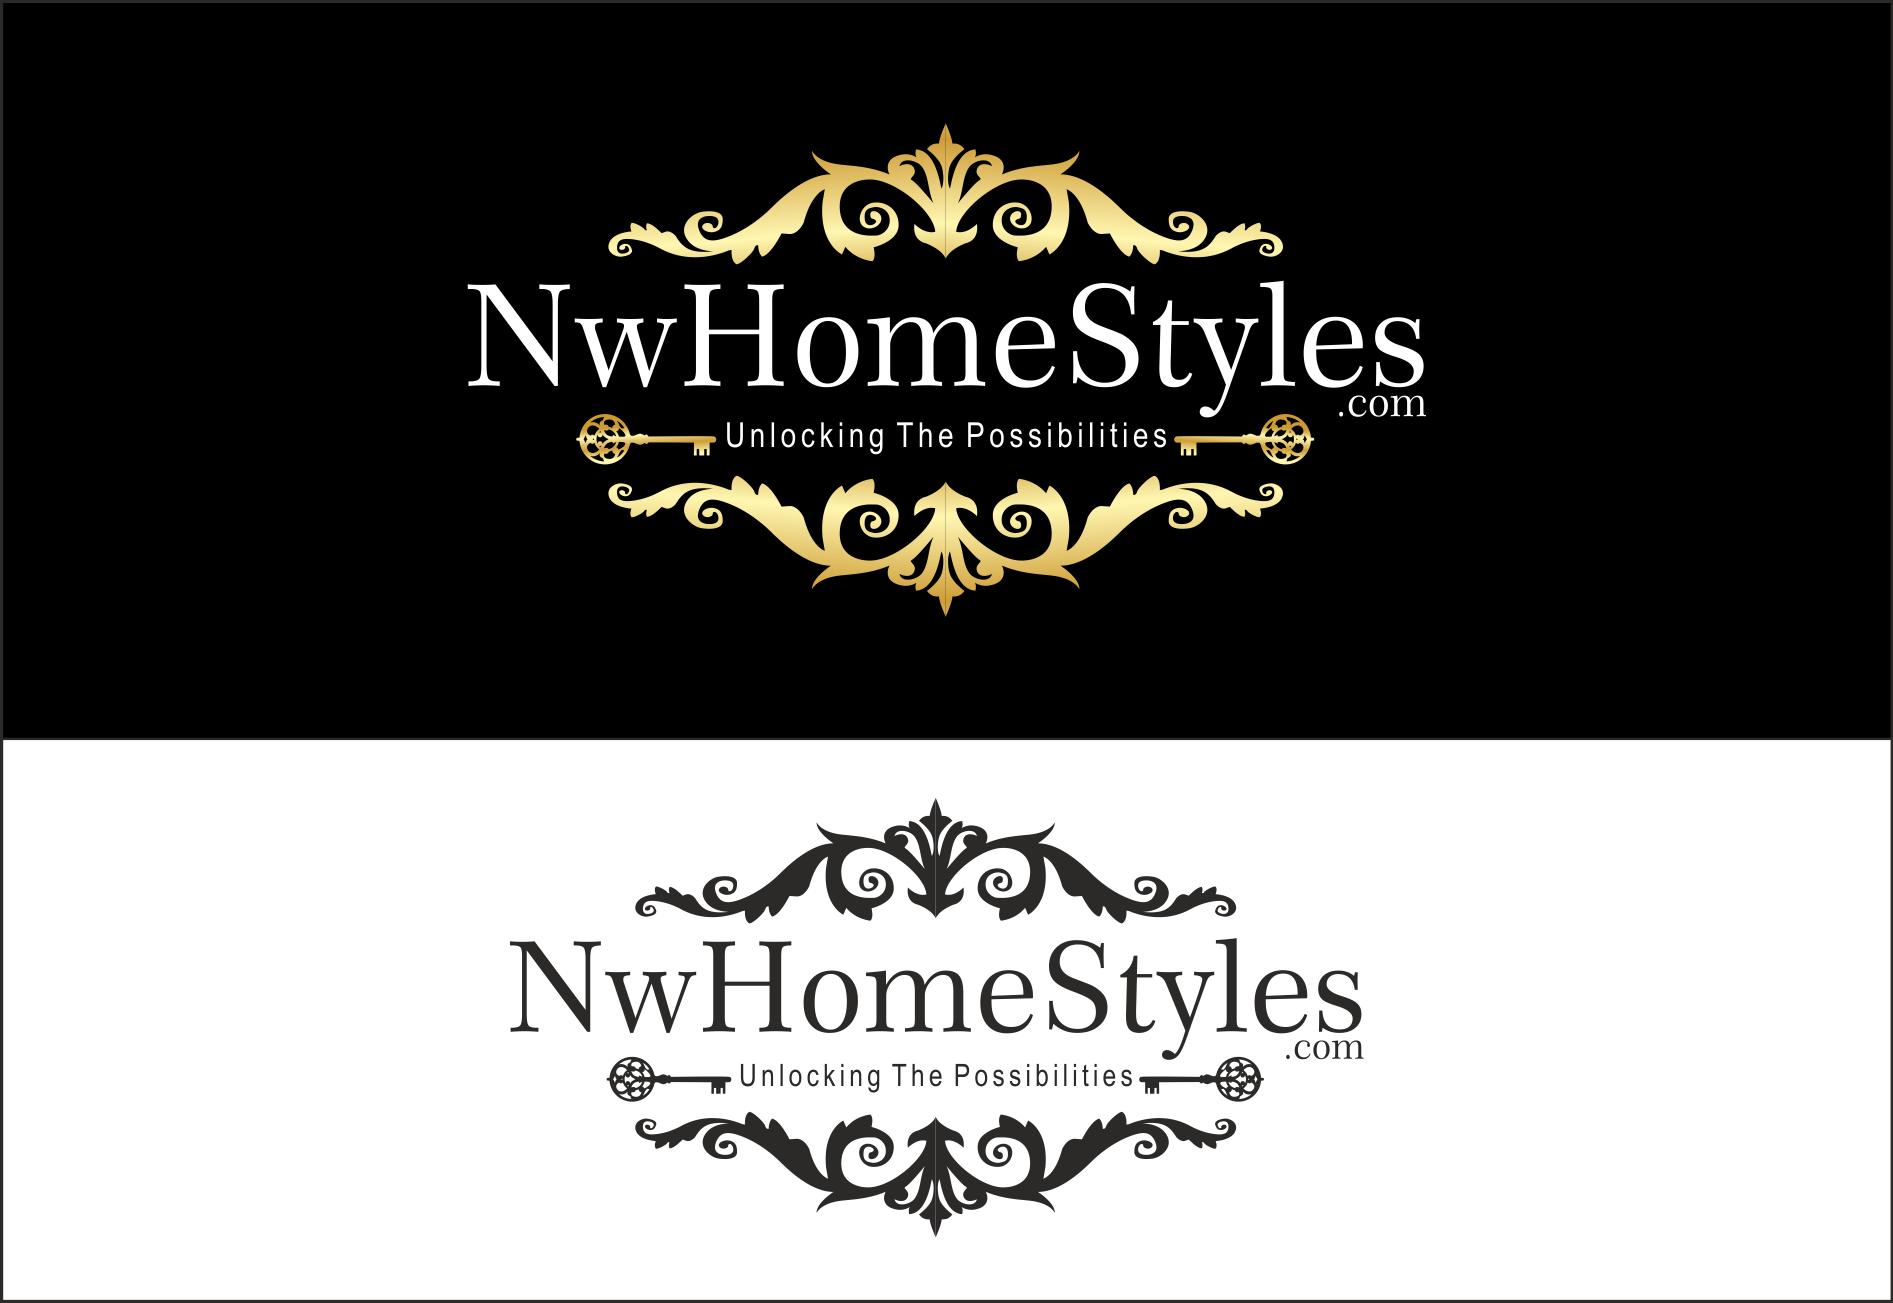 NwHomeStyles.com    needs a new logo